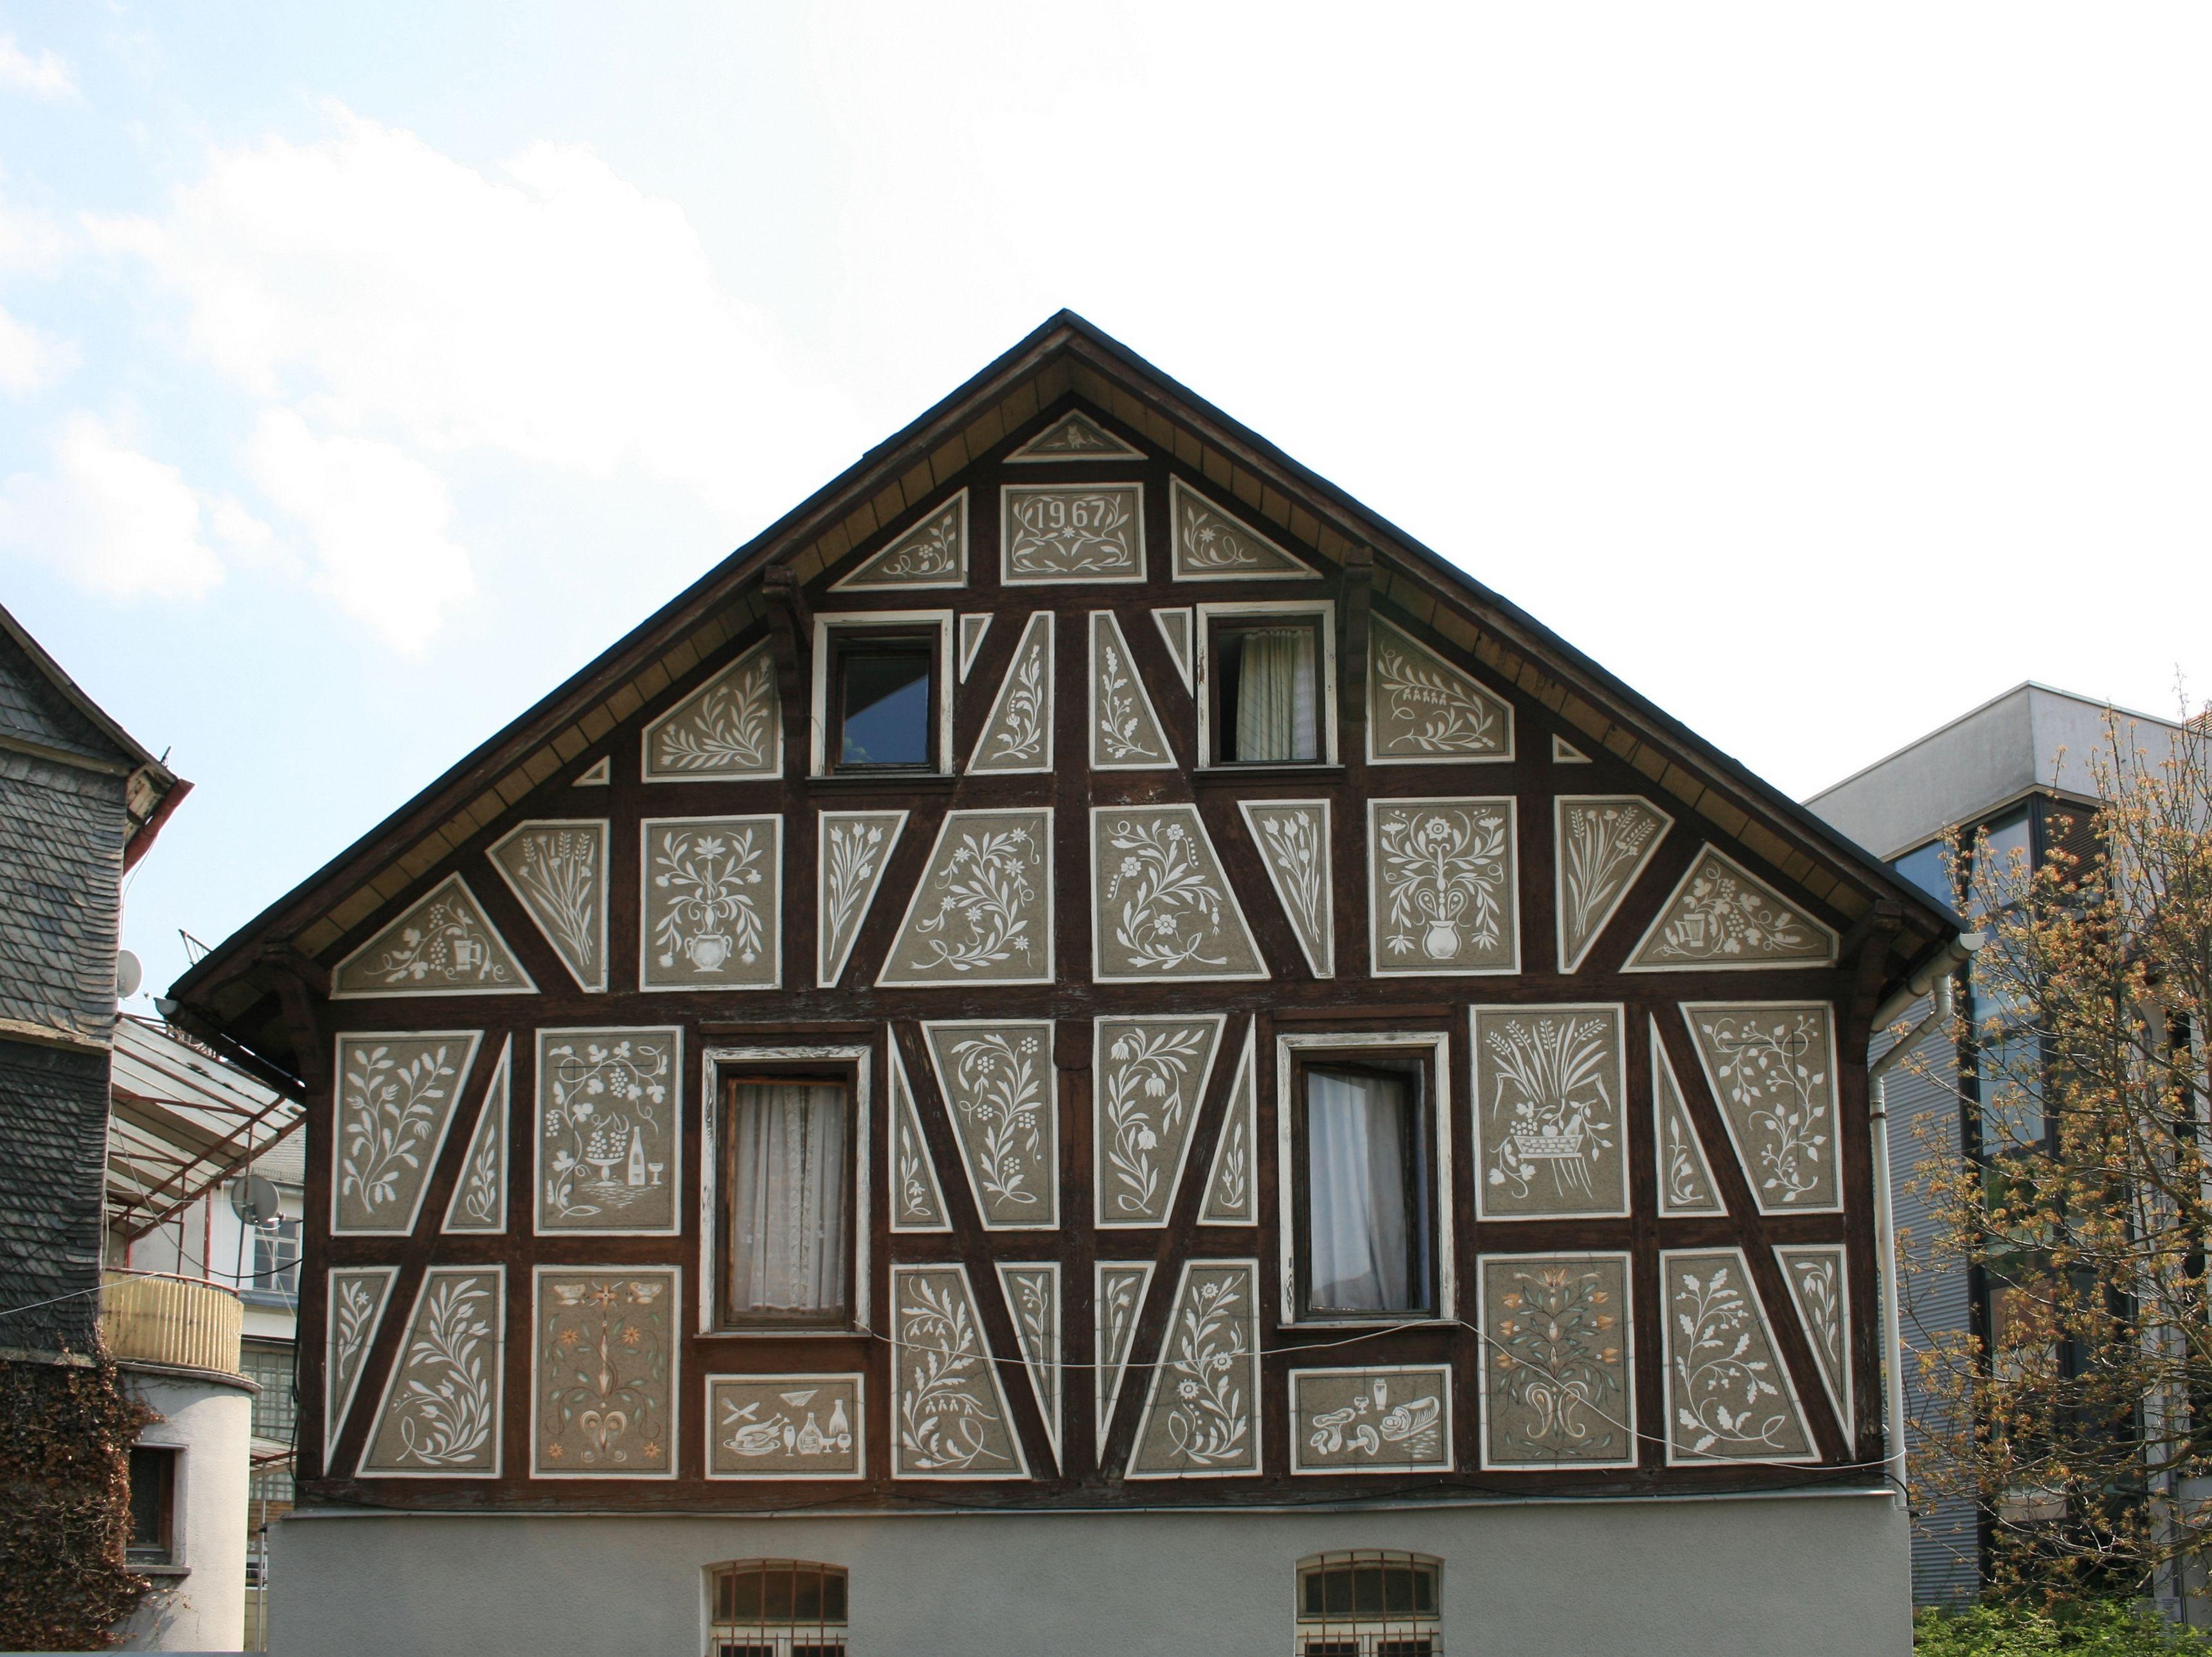 тона фото фронтон немецких домов церковь чернигове была